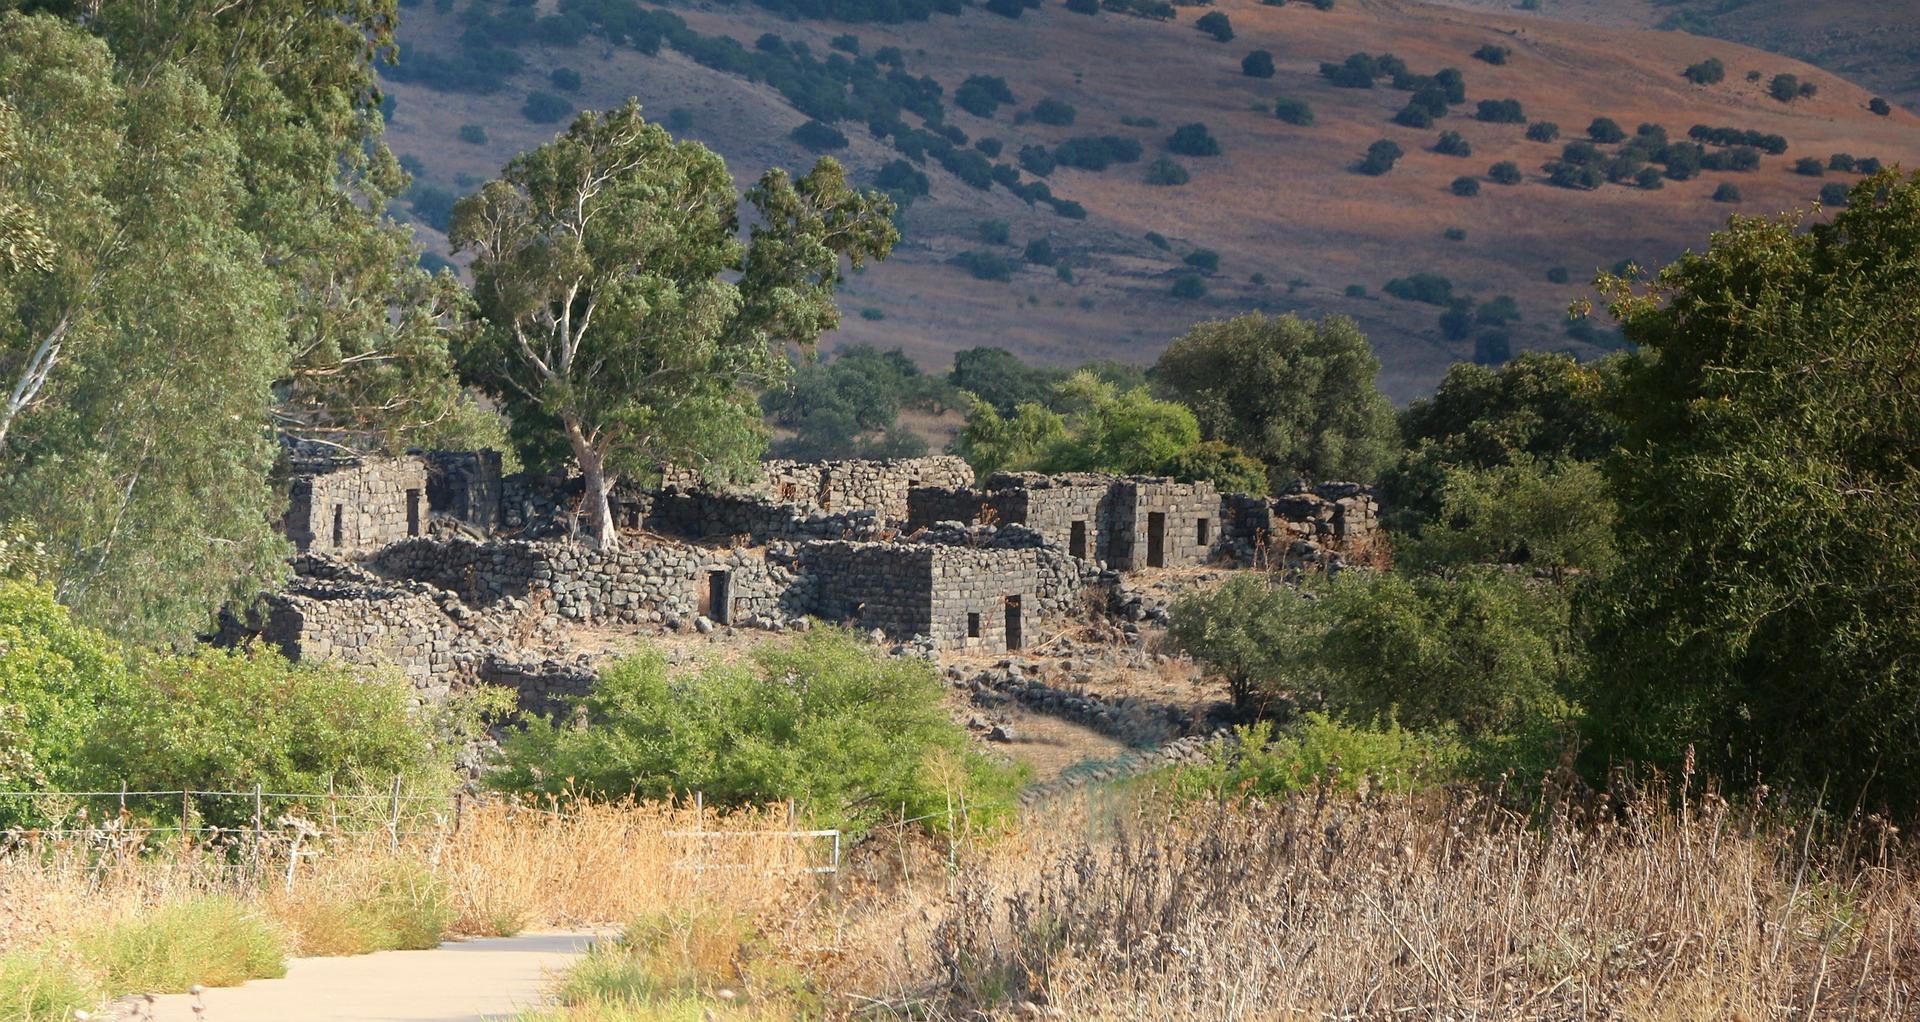 deserted-ruins-176906_1920